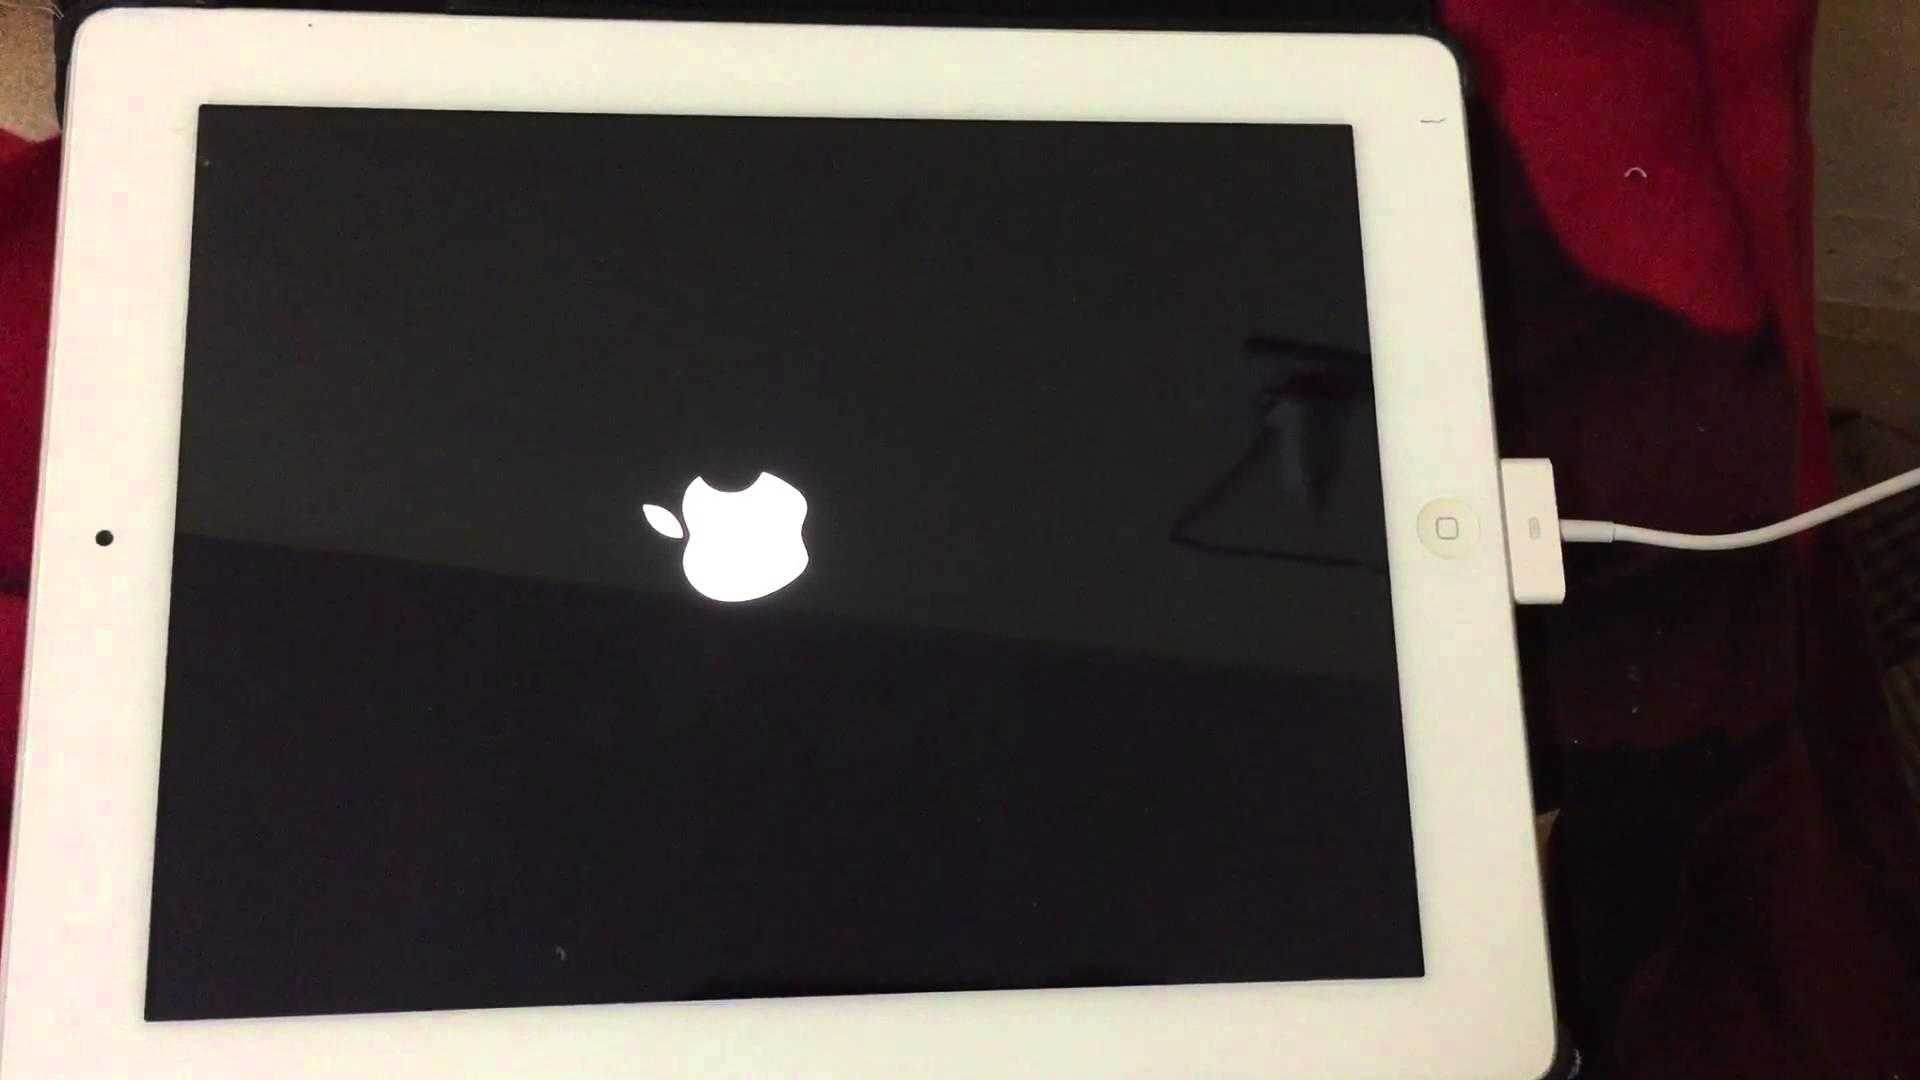 Thời gian sử dụng iPad lâu dẫn đến việc màn hình iPad bị treo đơ